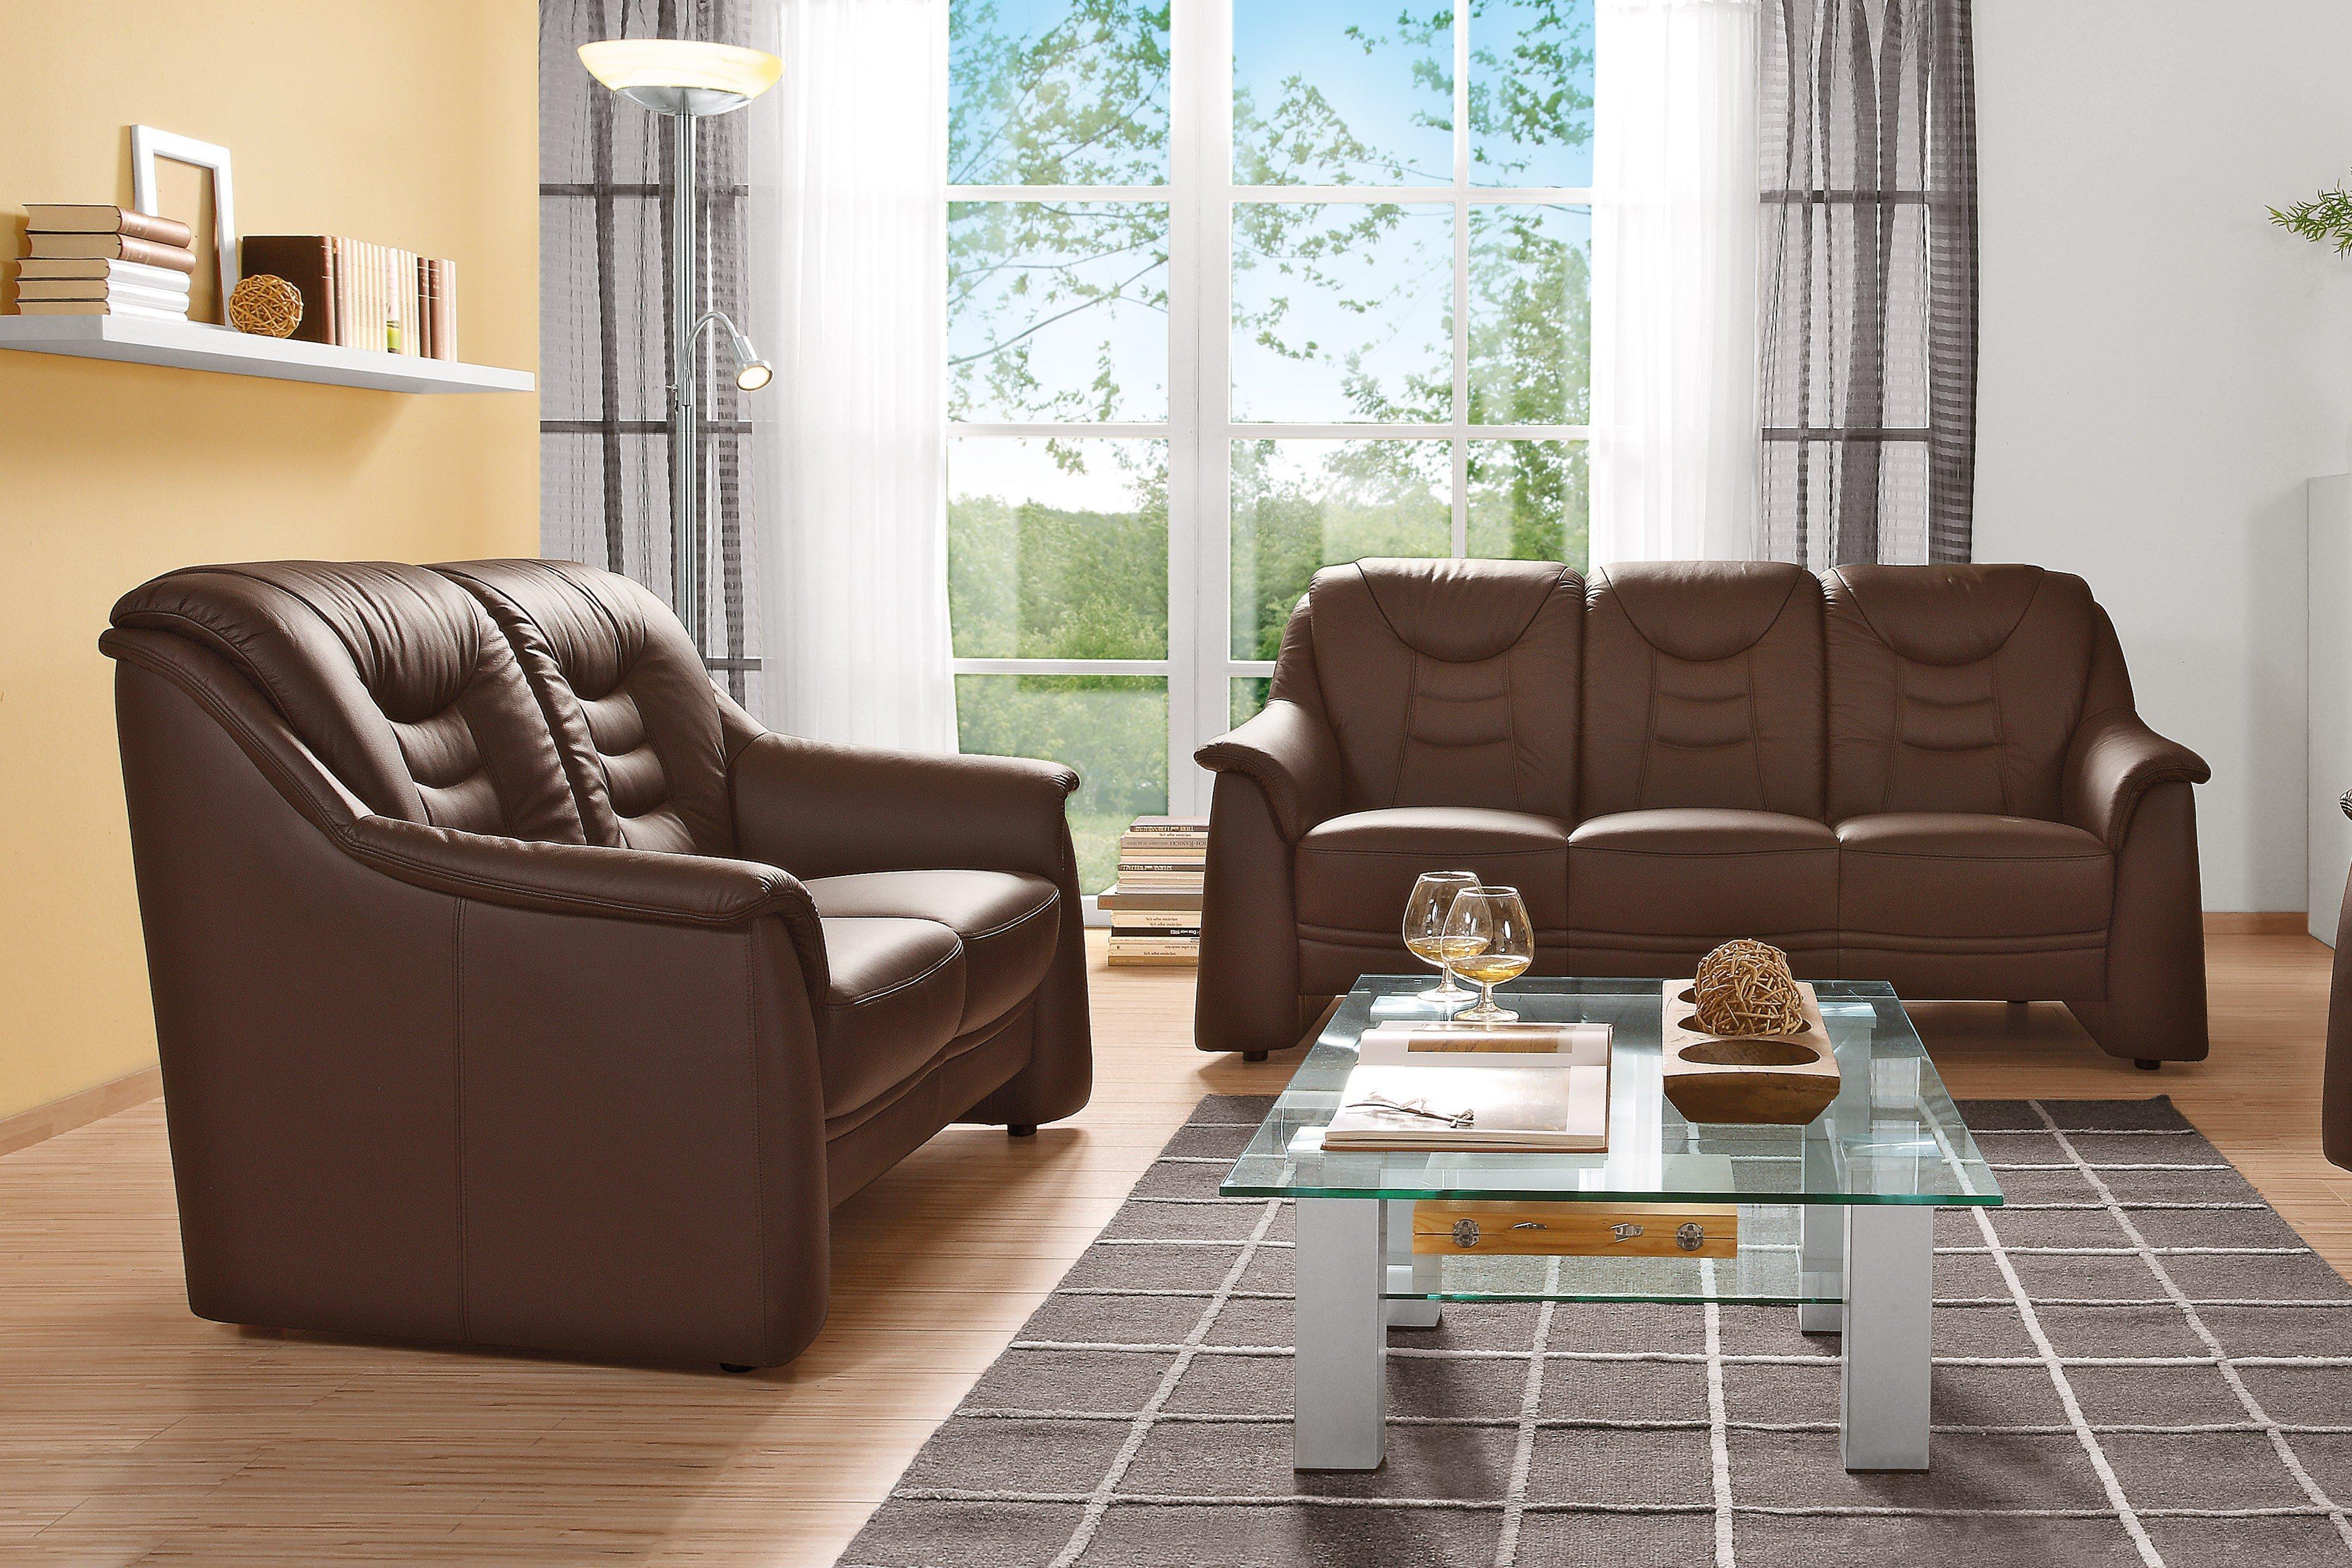 gruber polsterm bel cora ledergarnitur in braun m bel. Black Bedroom Furniture Sets. Home Design Ideas